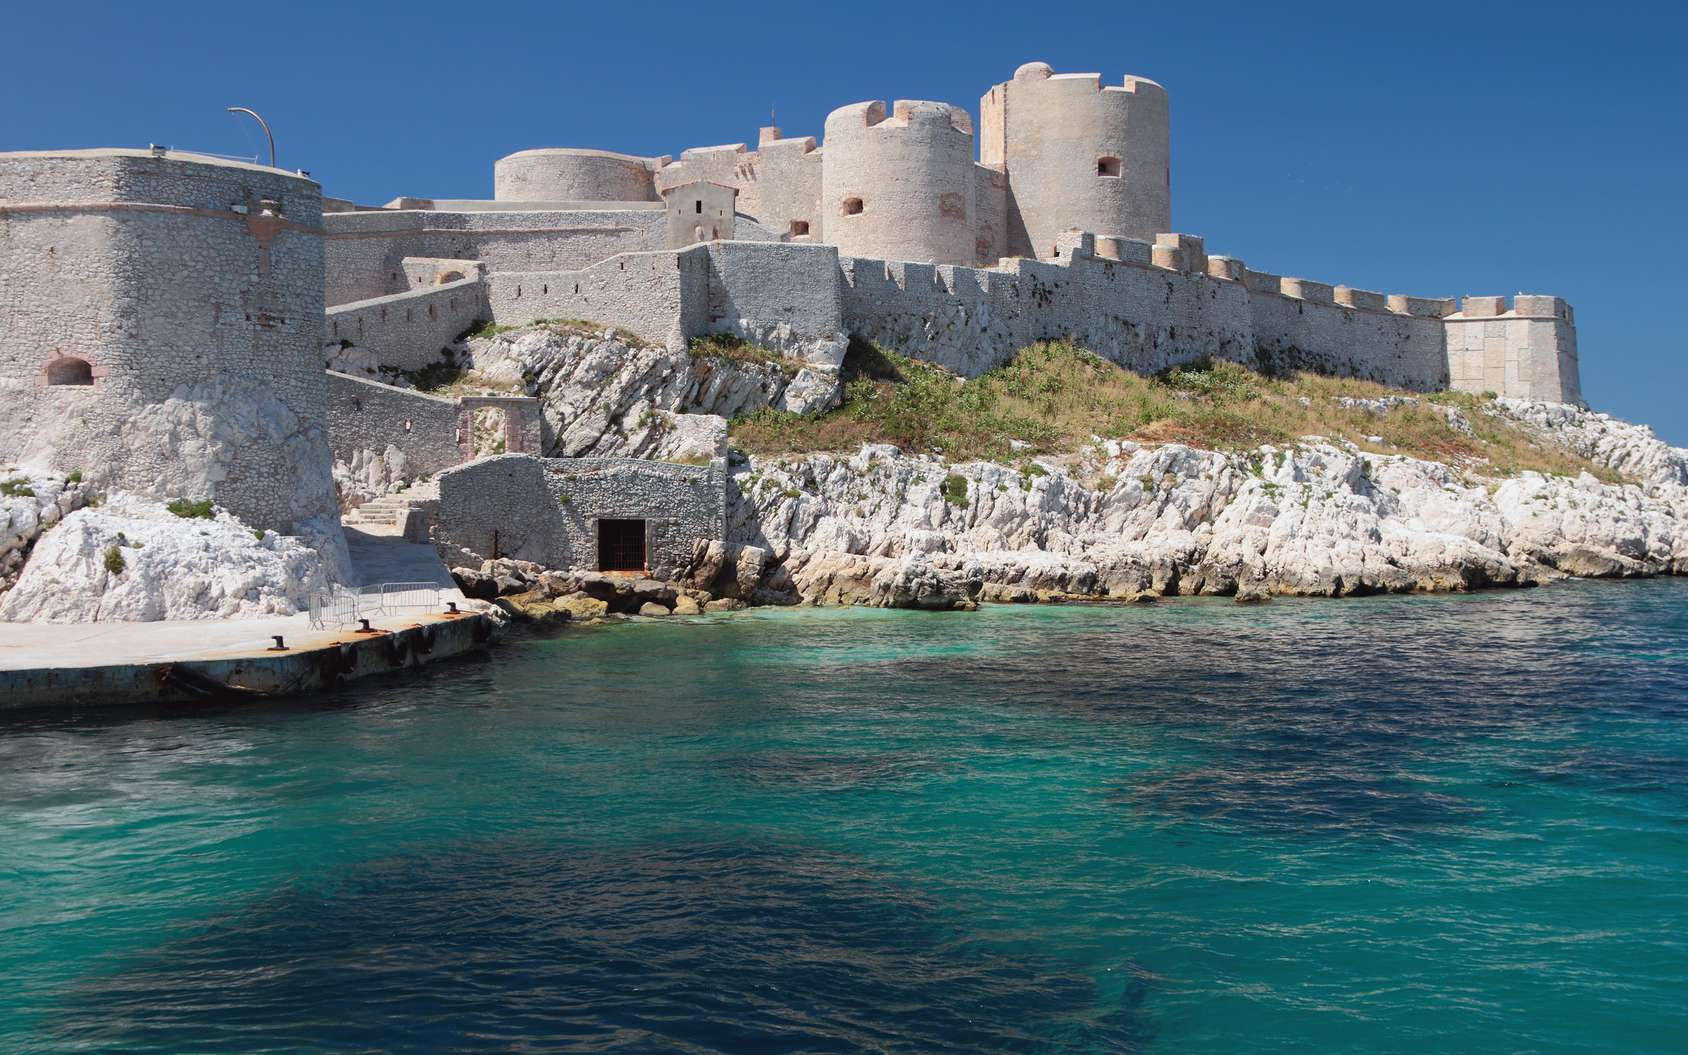 Le légendaire château d'If à Marseille, un site à visiter. © photobeginner, fotolia